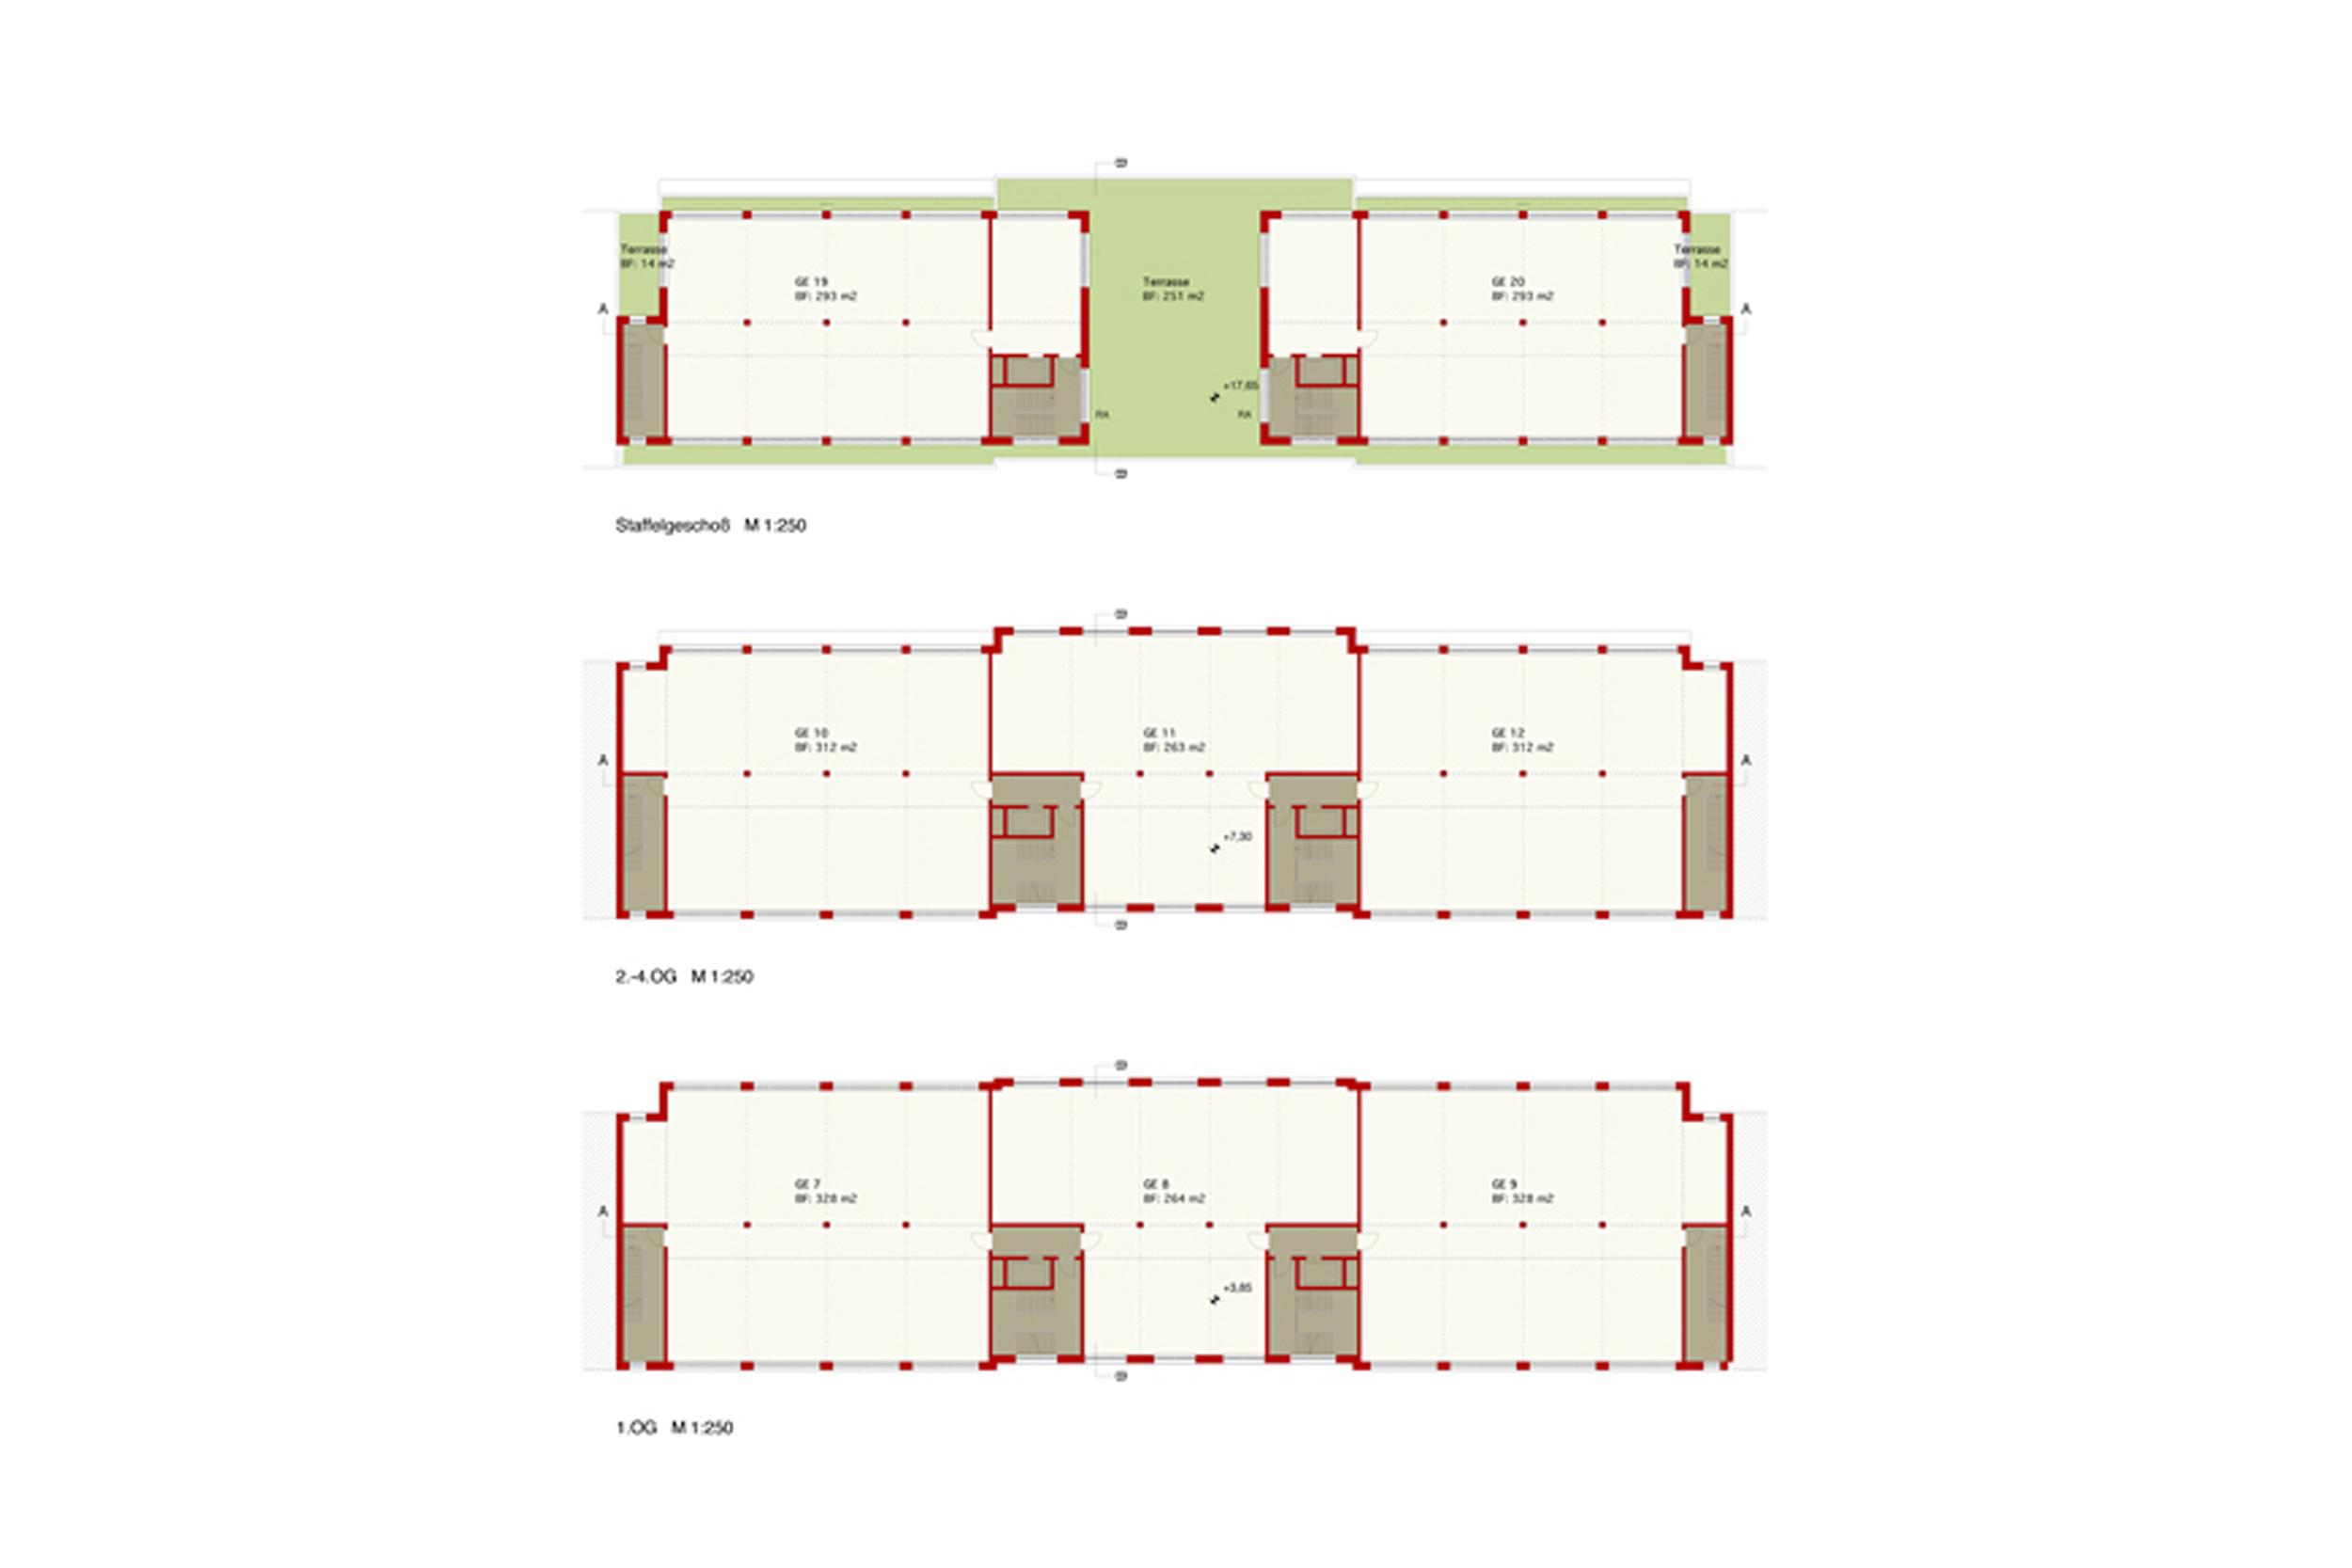 TIVOLILOFTS - Neubau eines Geschäftshauses mit modernen Bürolofts. Die Grundrisse ermöglichen eine flexibel gestaltbare Arbeitsplatzorganisation.